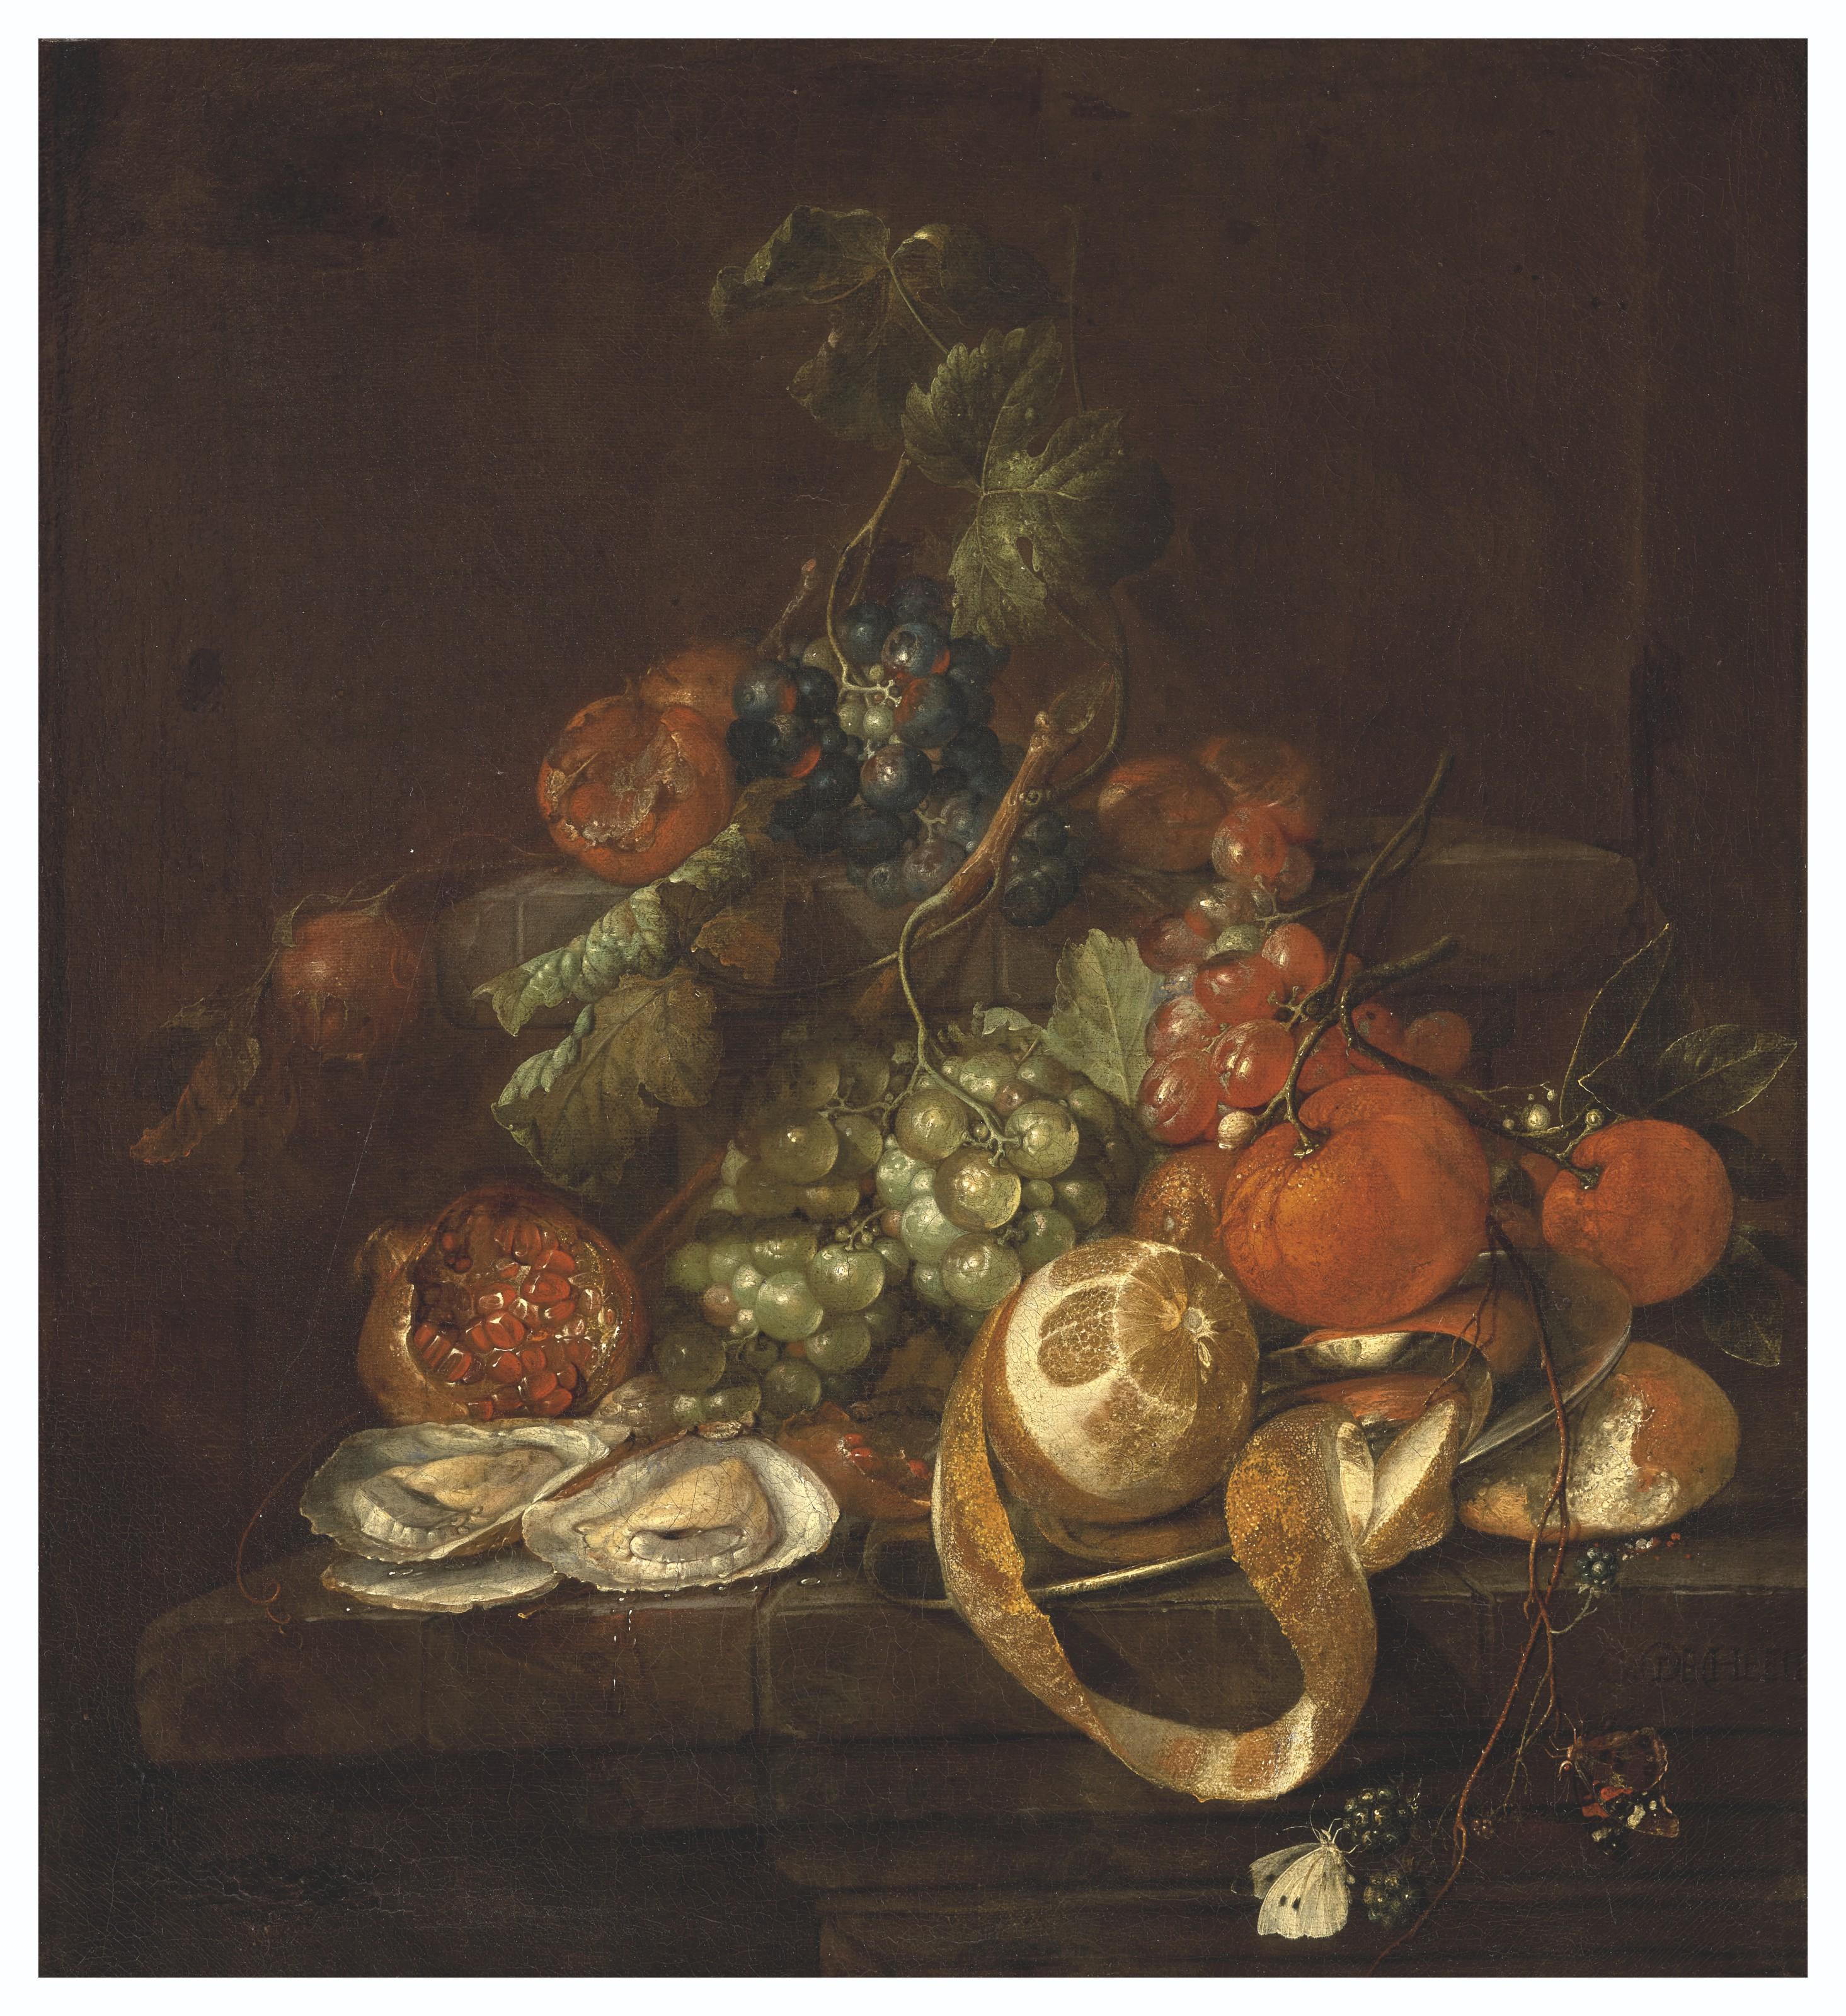 CORNELIS DE HEEM (LEYDE 1631-1695 ANVERS)